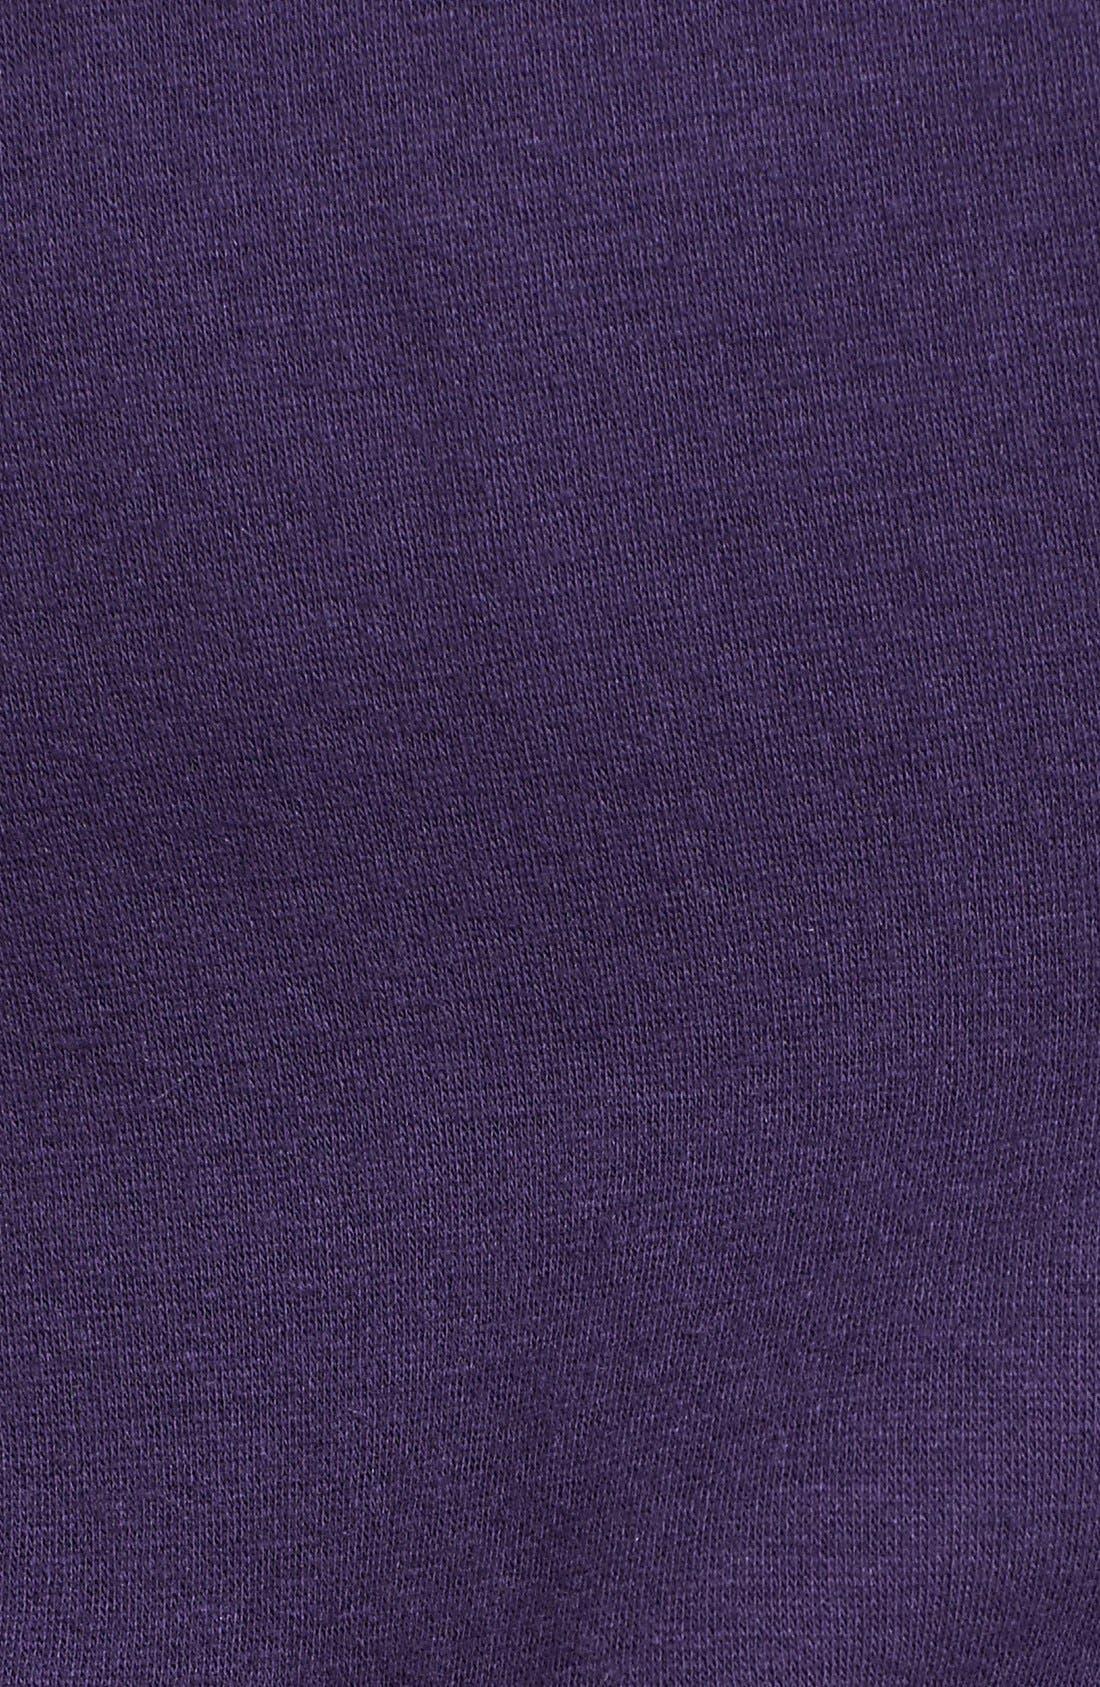 'Collins' Double Knit Pants,                             Alternate thumbnail 18, color,